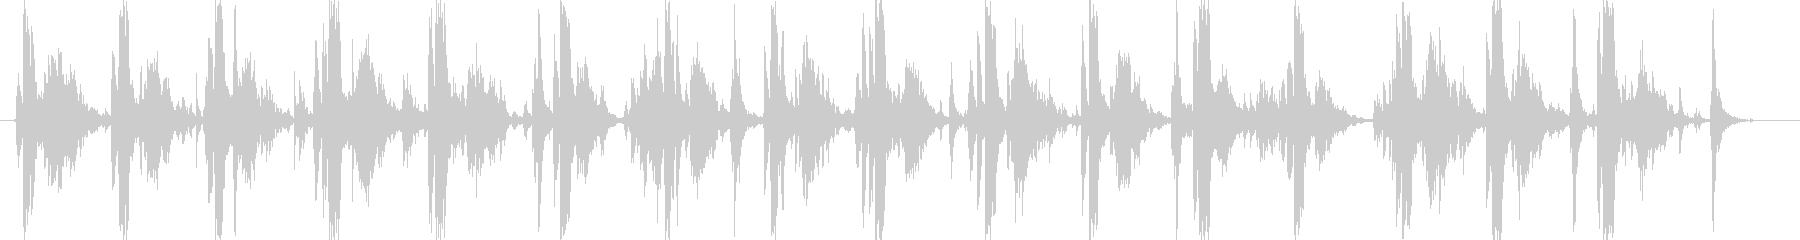 タイプライターの音(強化版)16連打の未再生の波形